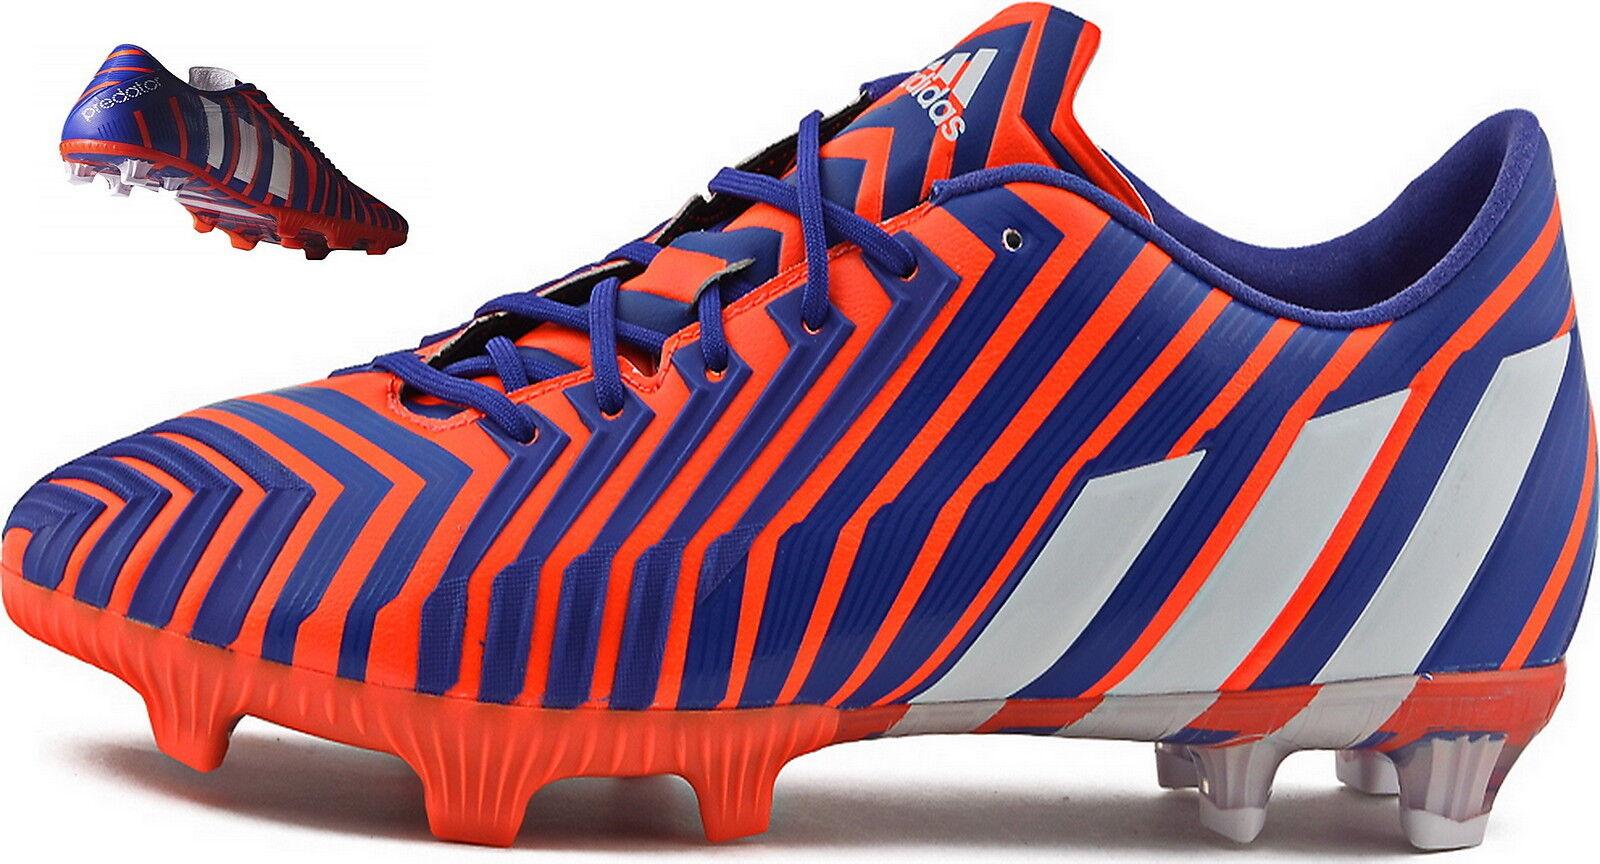 ADIDAS ProssoATOR INSTINCT FG scarpe calcio b35452 camme